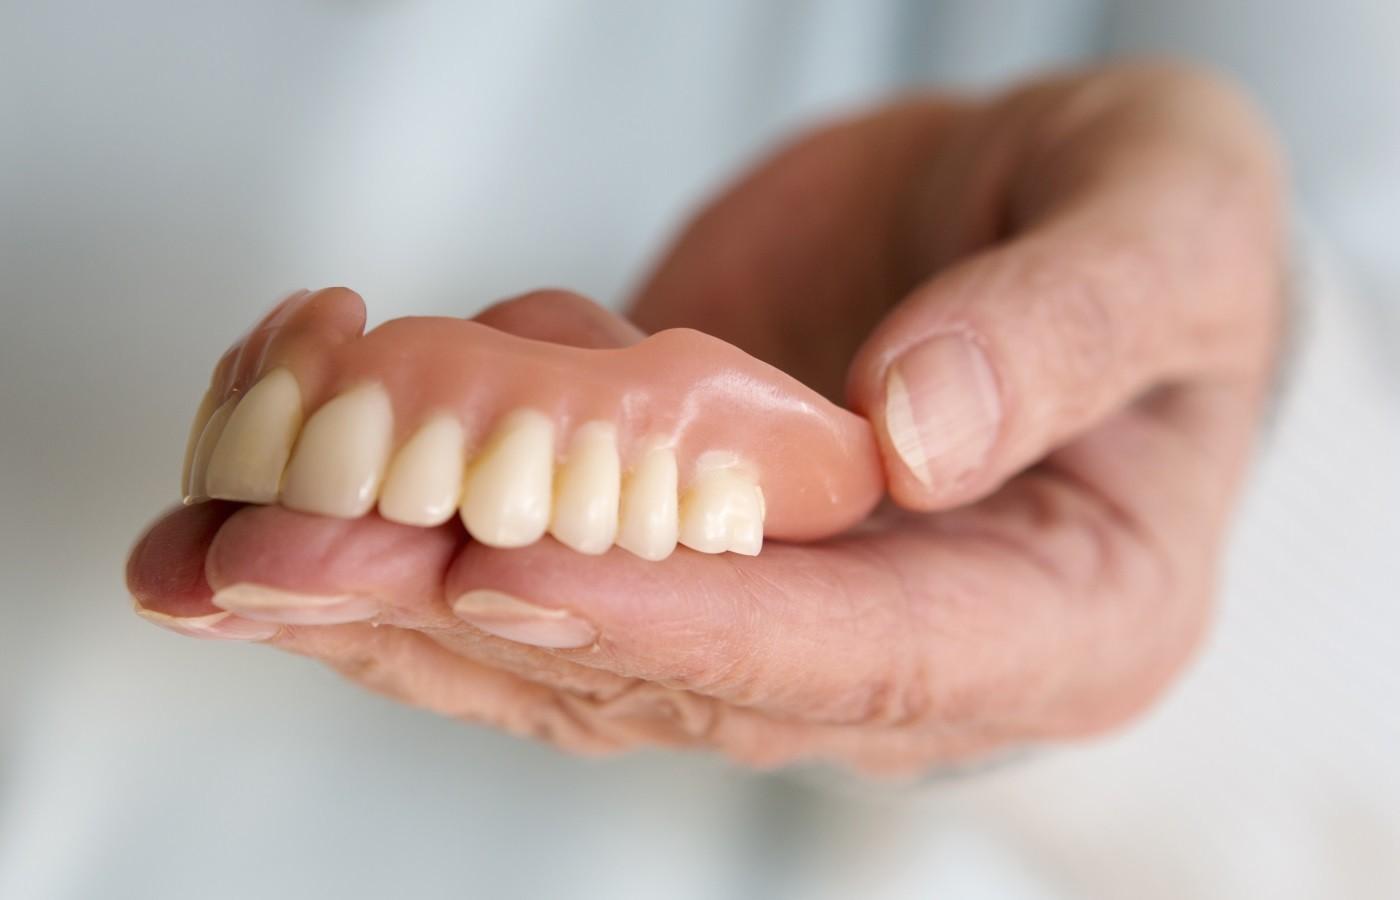 دندان مصنوعی ژله ای چیست